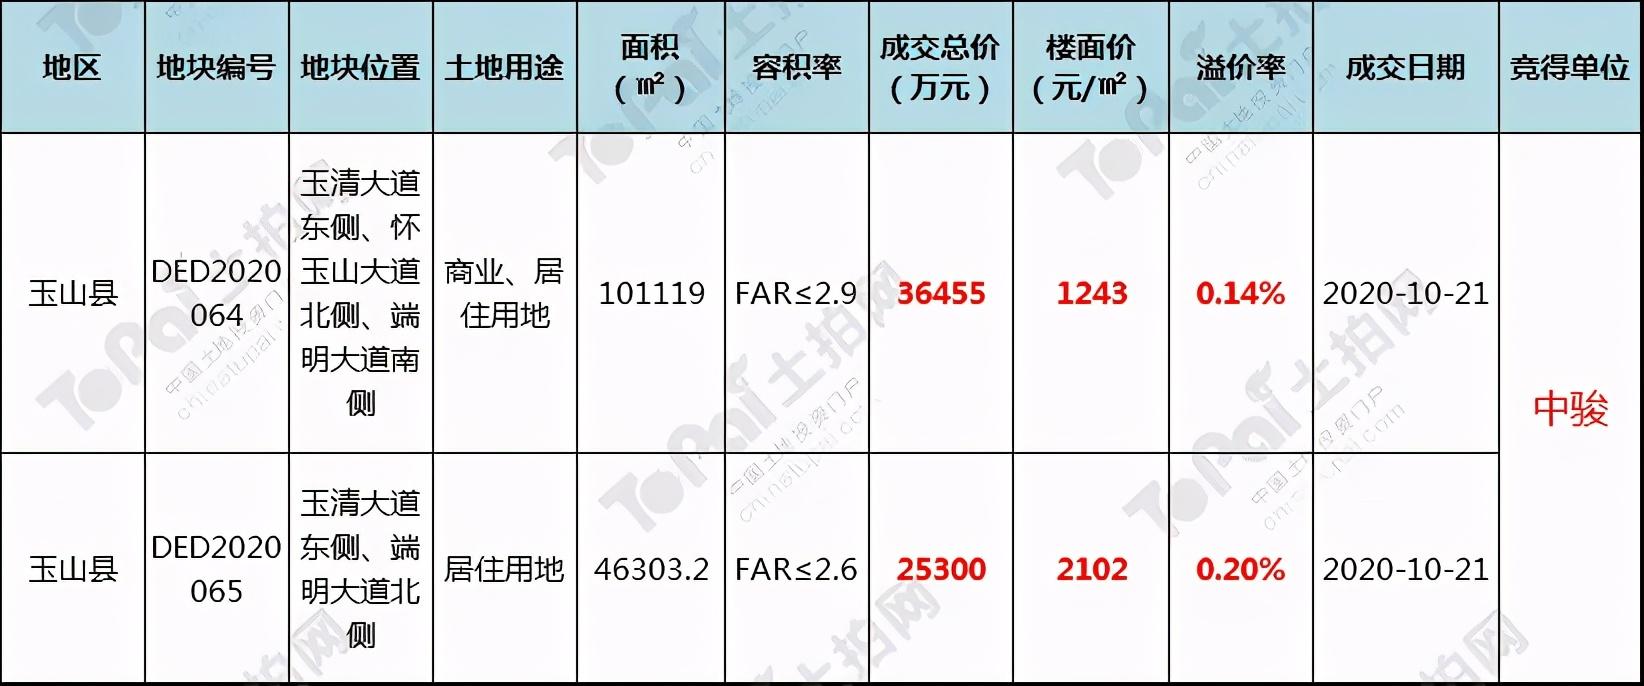 中骏落子玉山县!6.18亿摘221亩商住地 将建6万㎡综合体